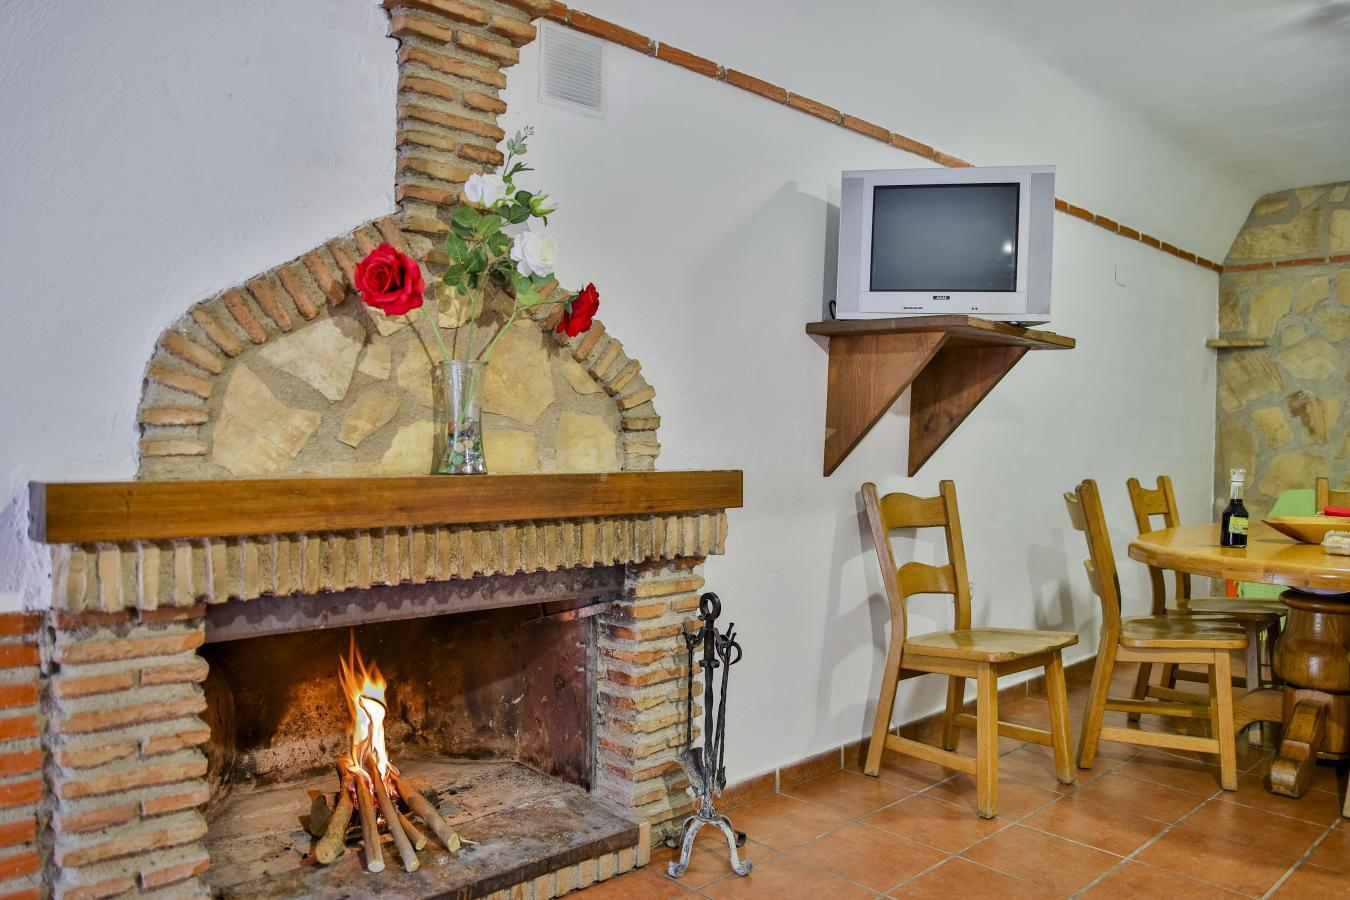 Fotos de cuevas cortijo el moral casa rural en castill jar granada - Casas cueva granada jacuzzi ...